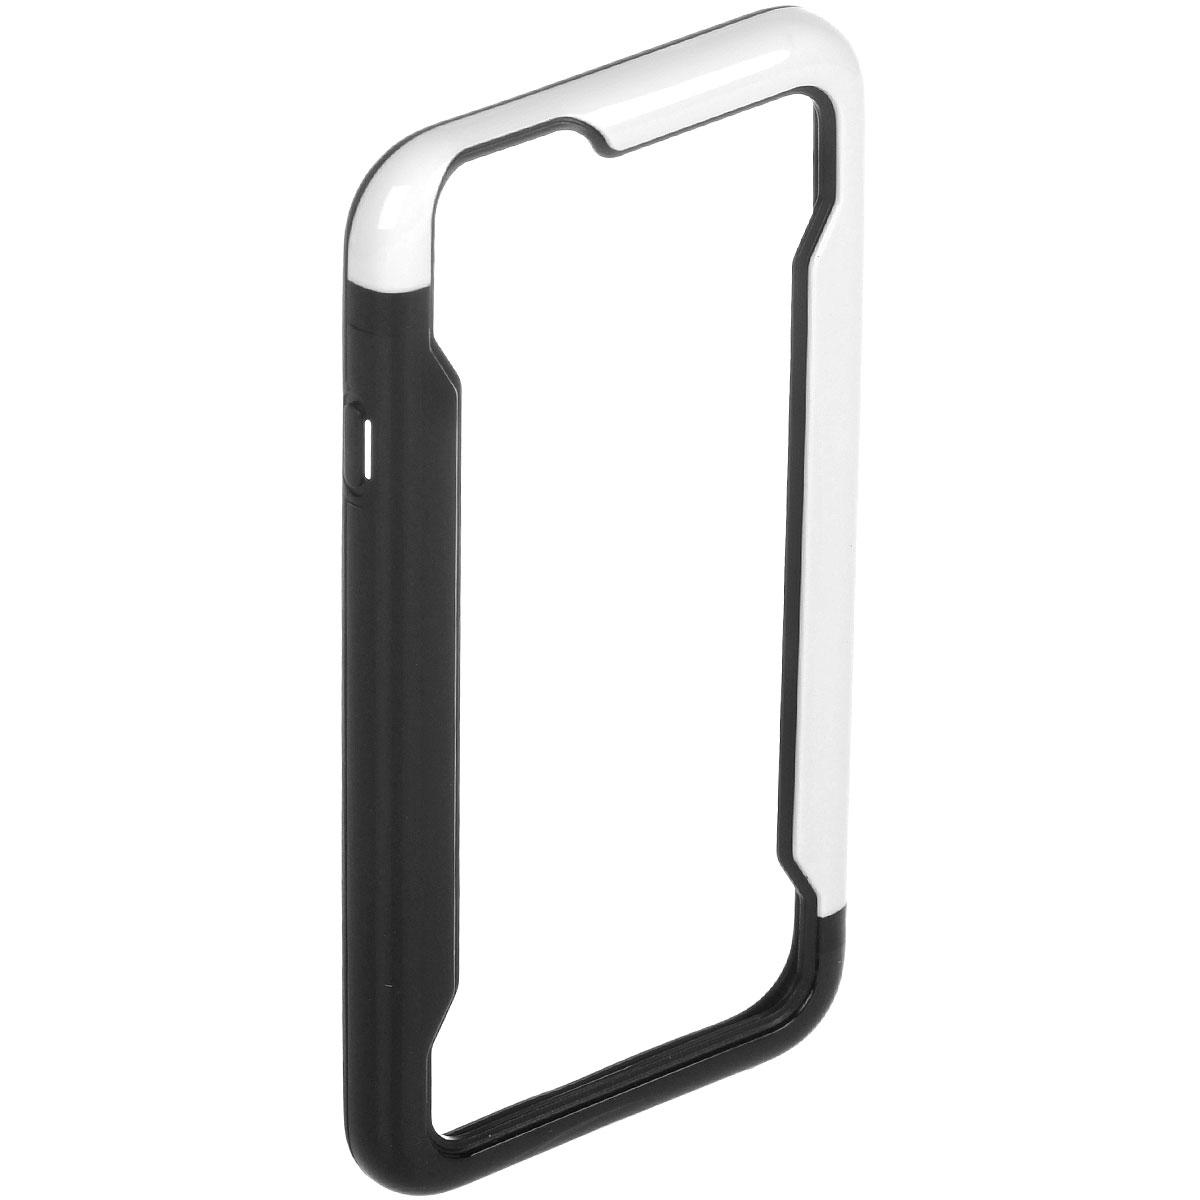 Liberty Project чехол-накладка для iPhone 6, Black WhiteR0007958Защитная крышка Liberty Project служит защиты корпуса вашего смартфона от внешнего воздействия (пыль, влага, царапины). Модель доступна в различных цветах.